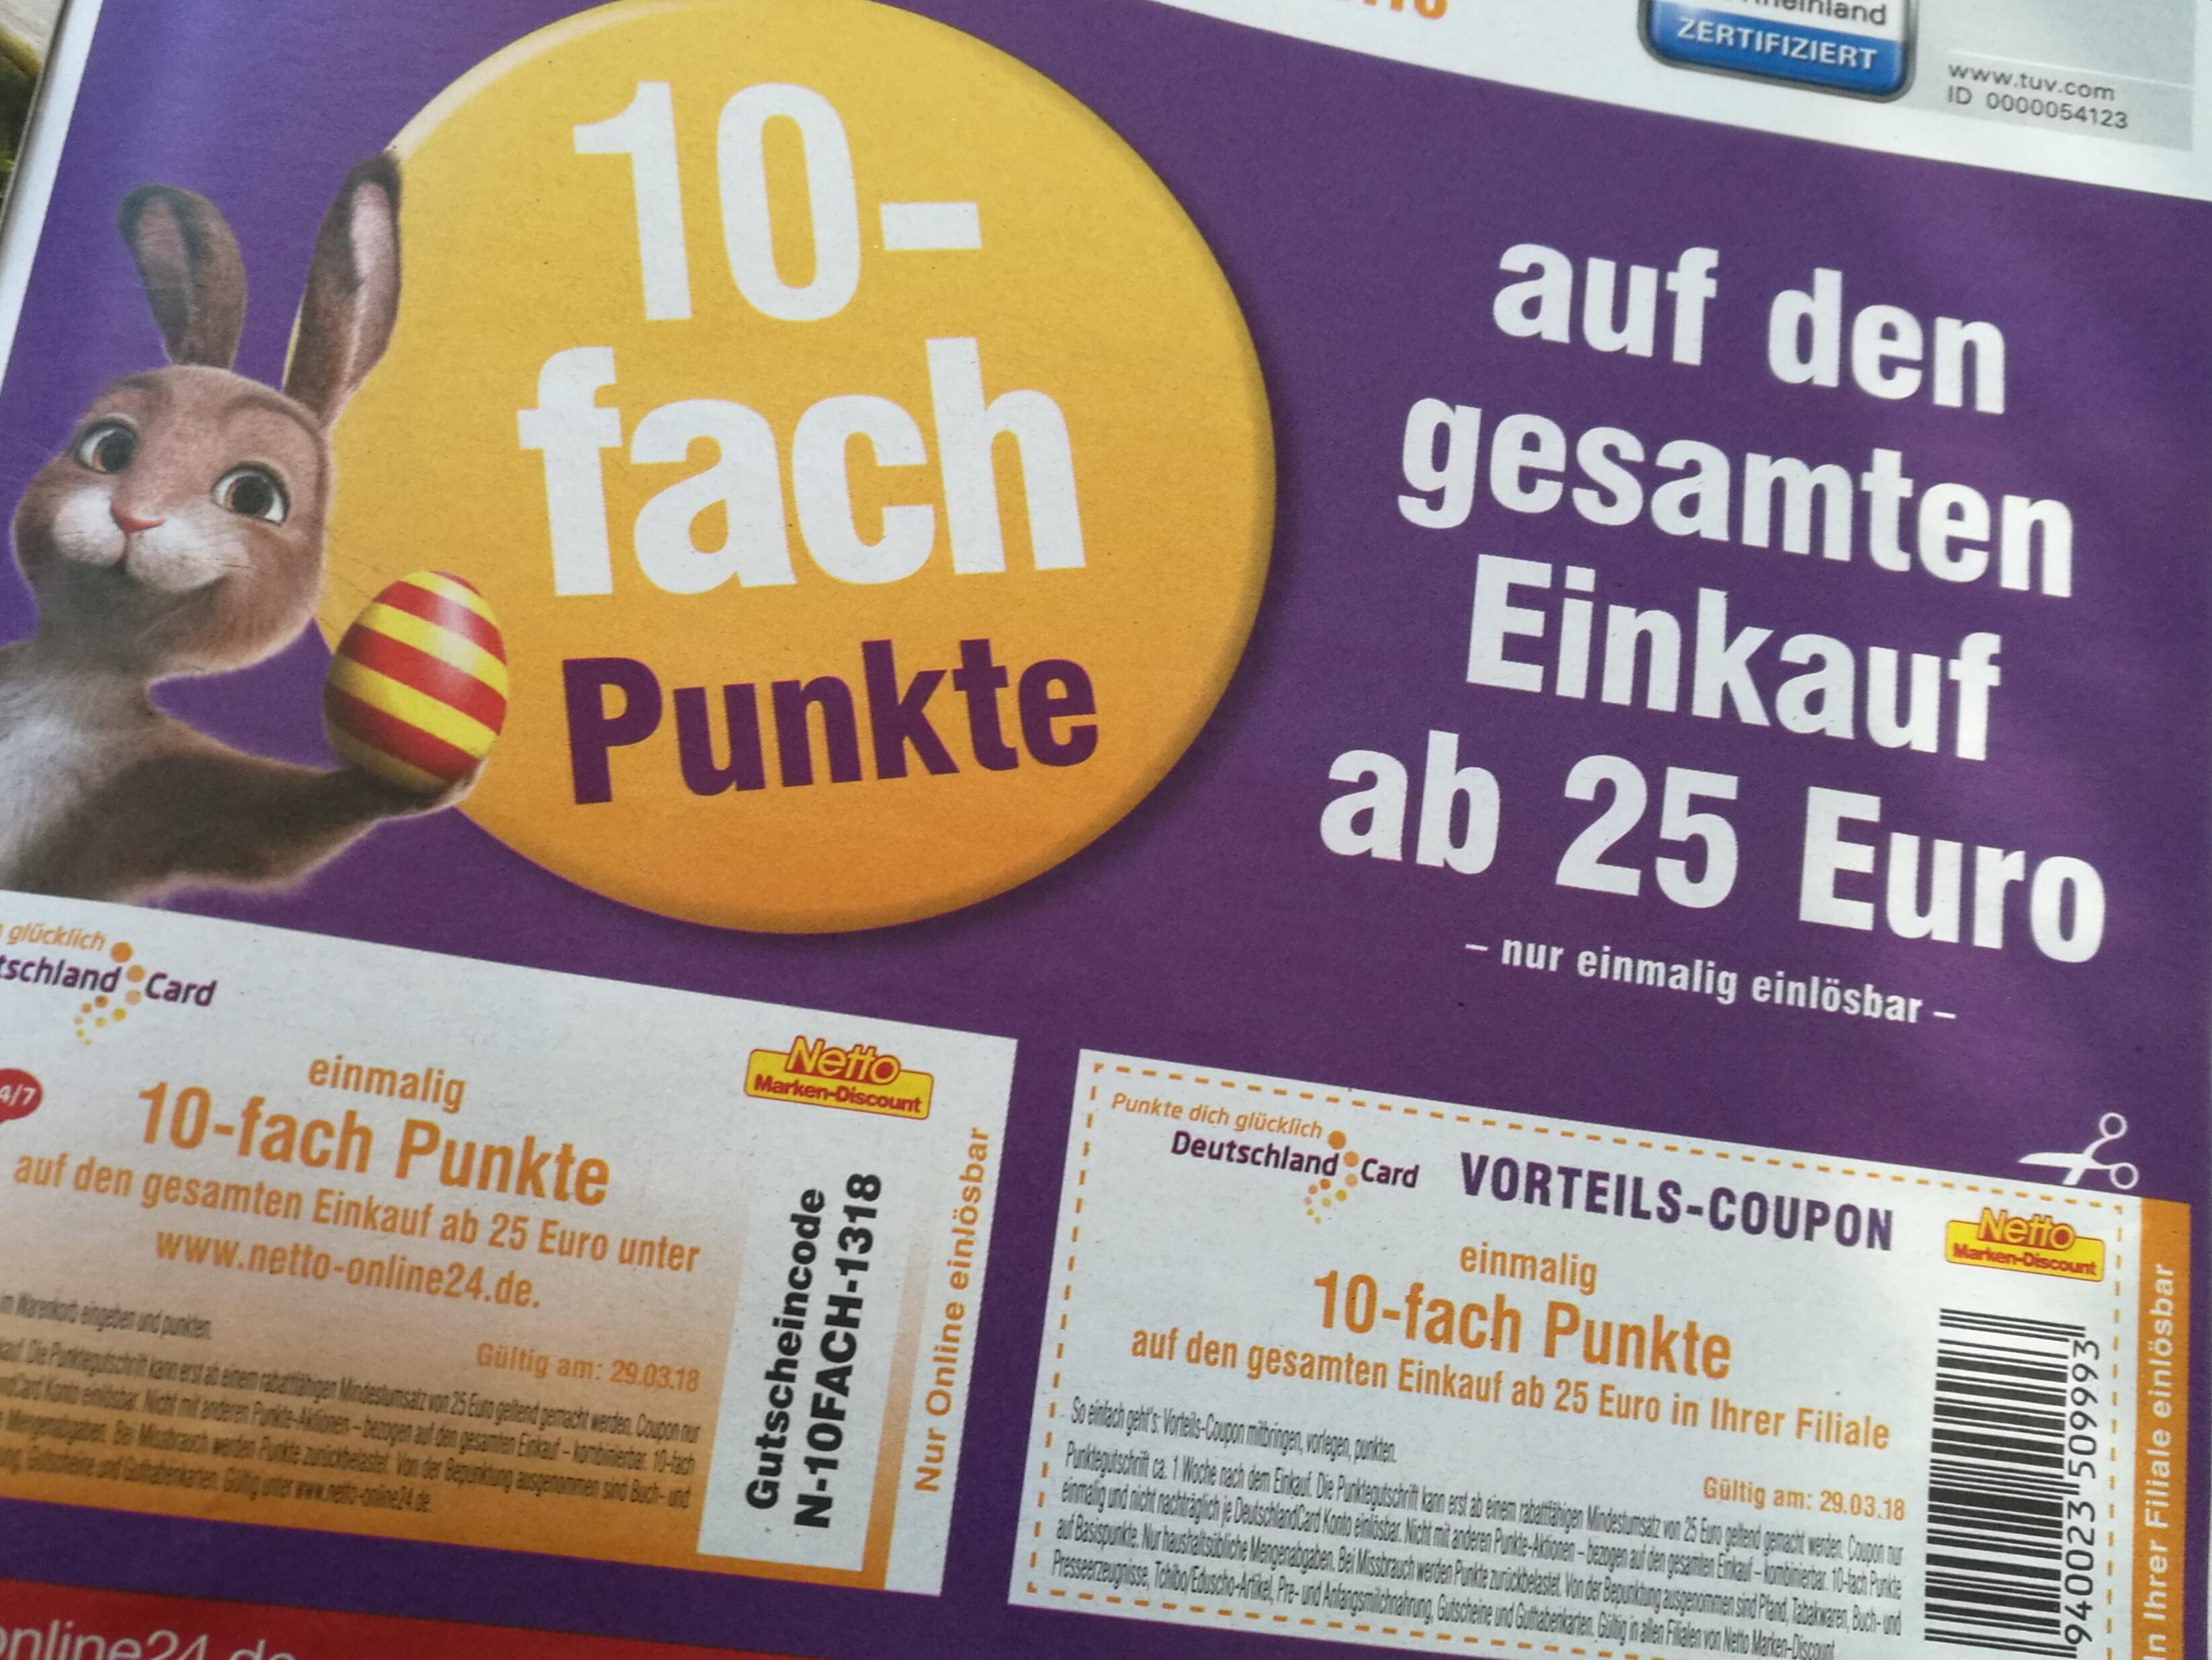 10-fach Deutschlandcard Punkte ab 25 Eur Einkaufswert am 29.03.18 bei Netto